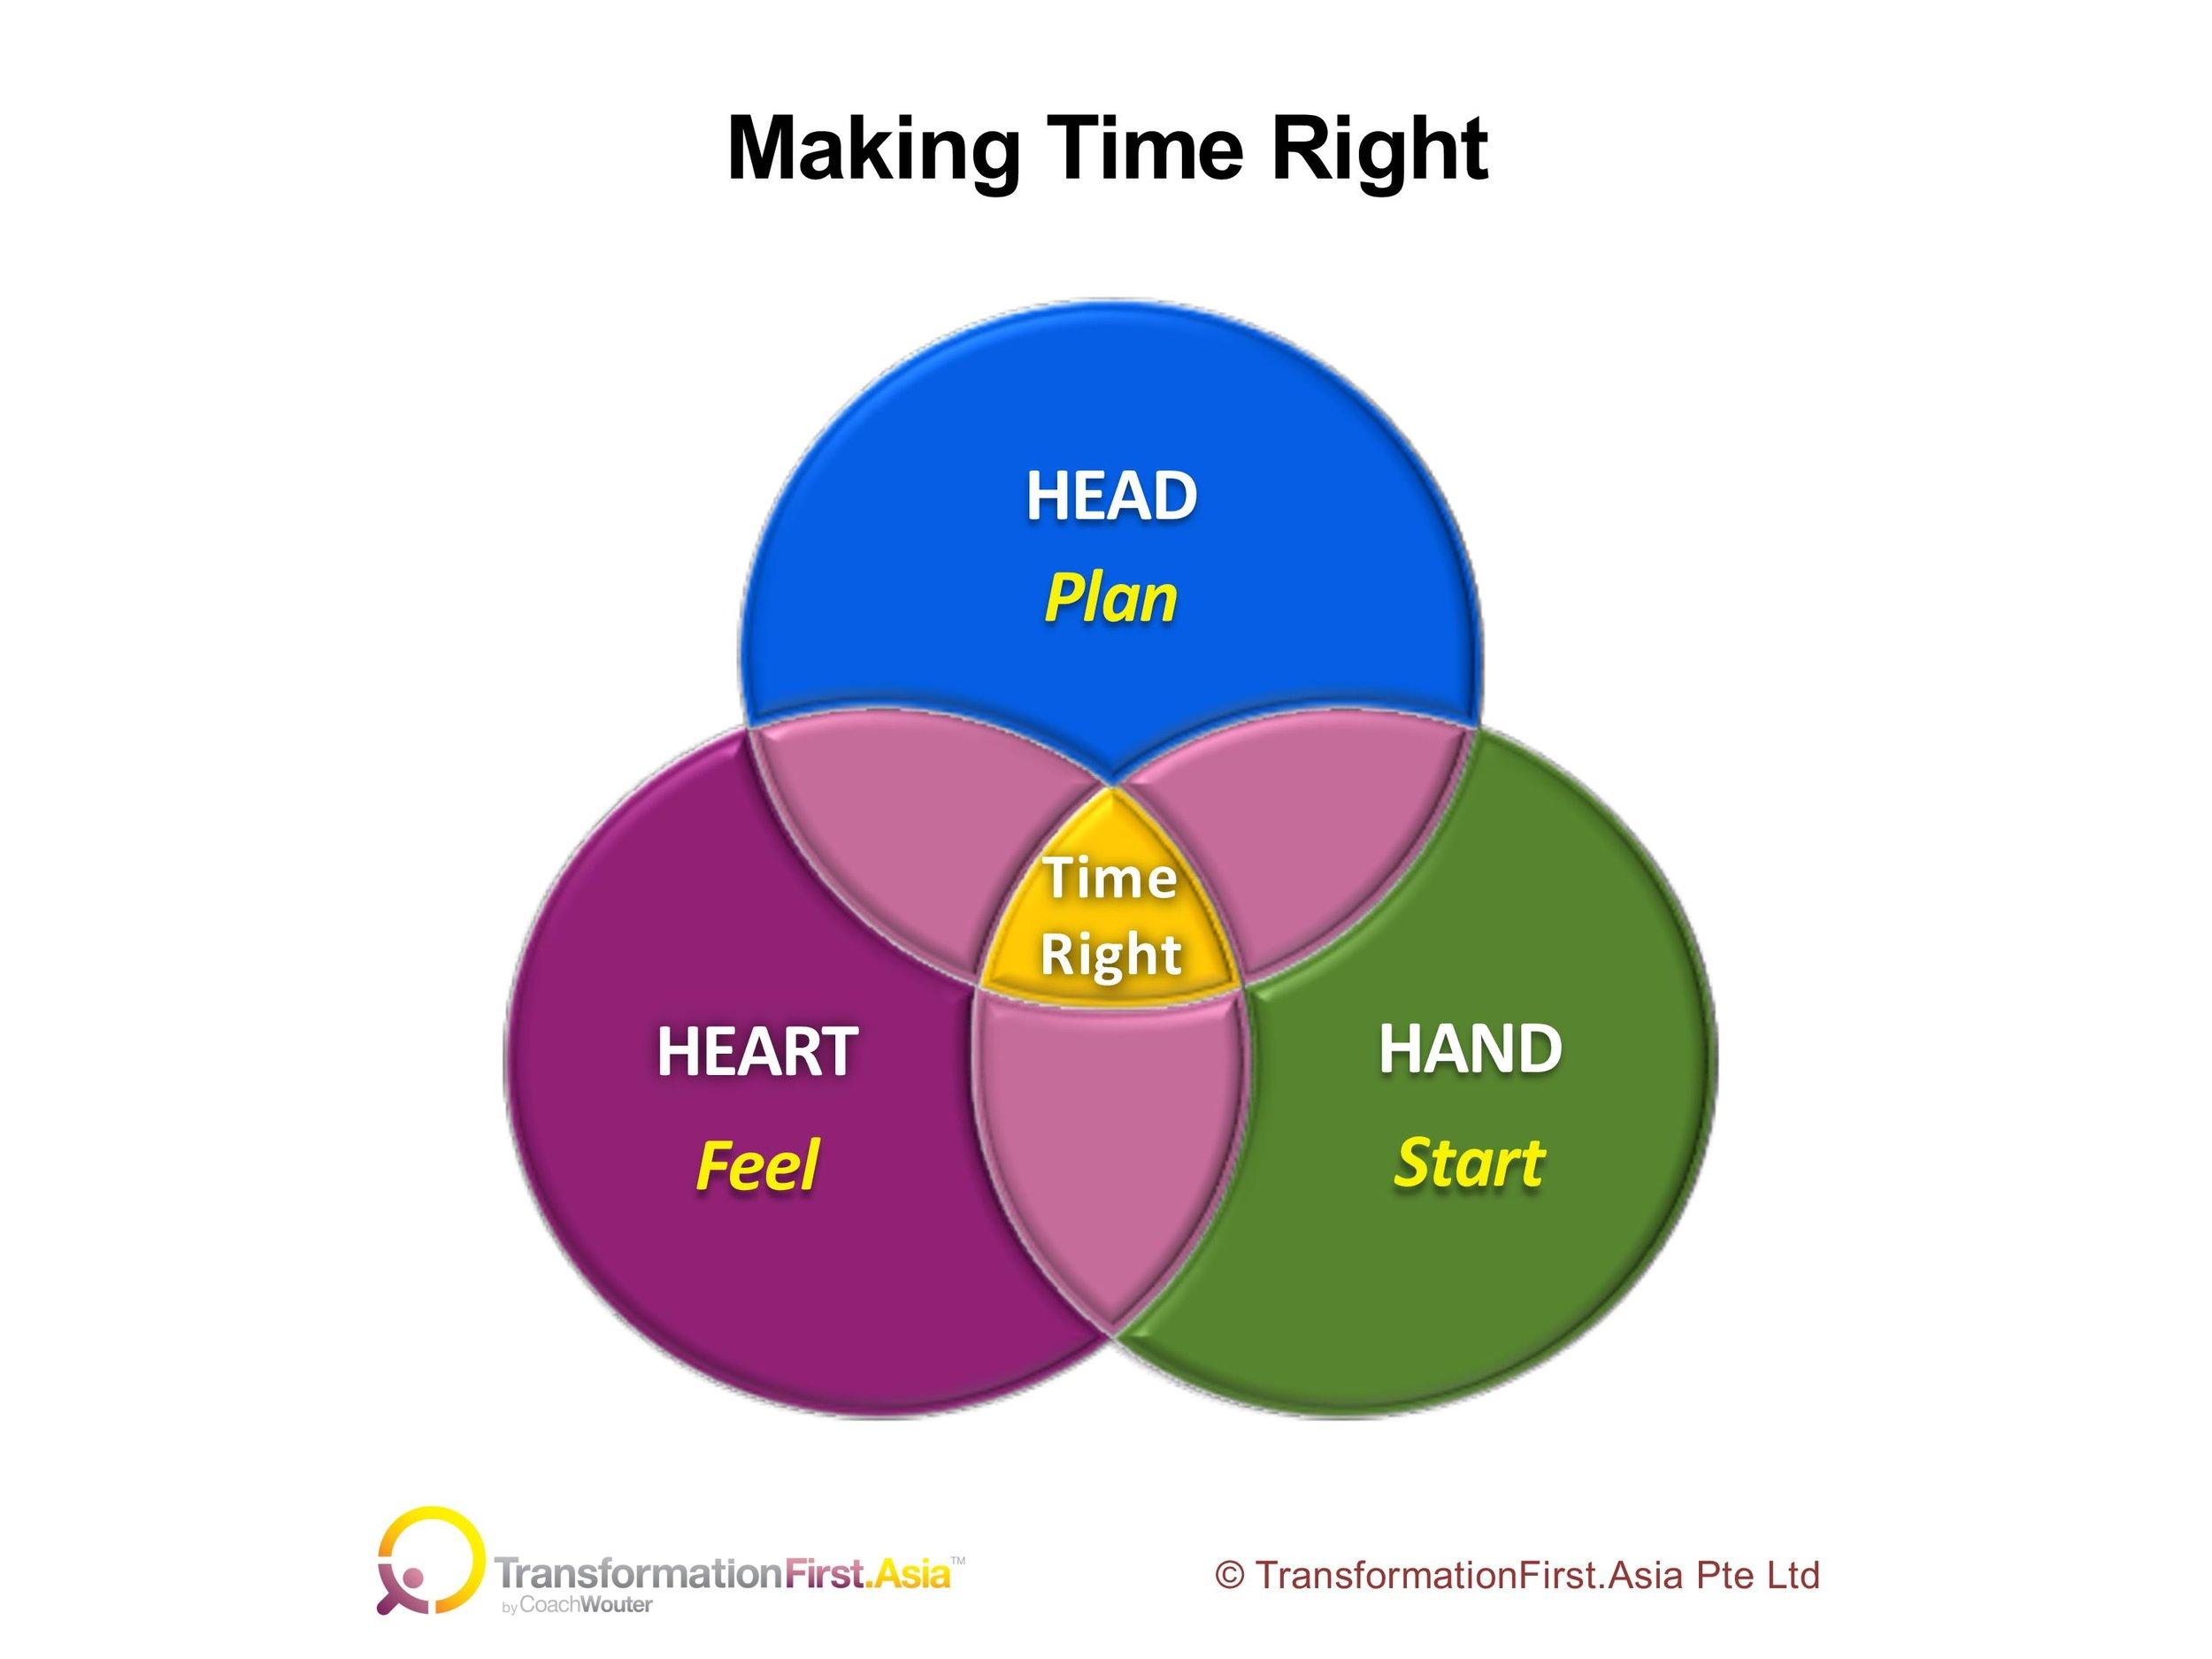 Making Time Right Model v2.jpg